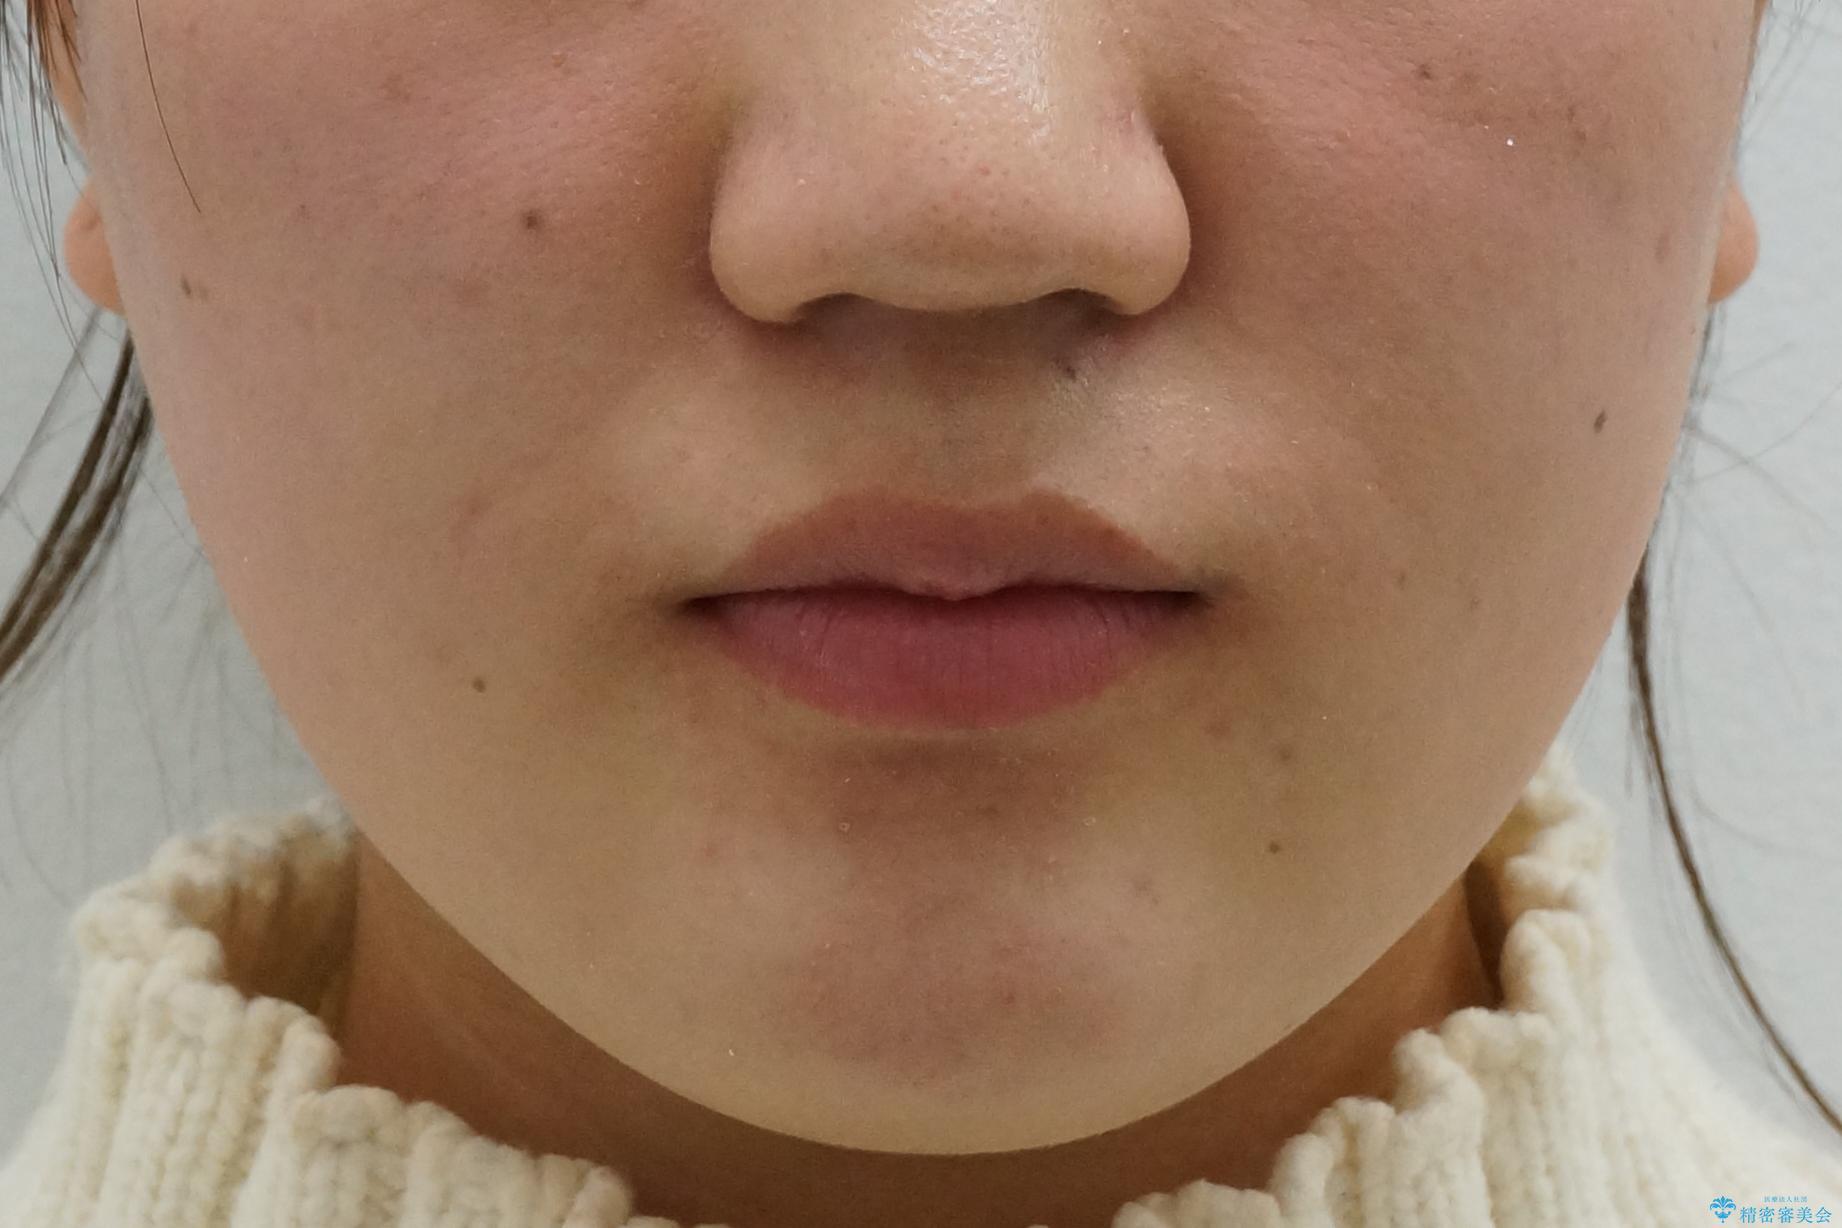 成人式に間に合う 前歯の矯正の治療後(顔貌)